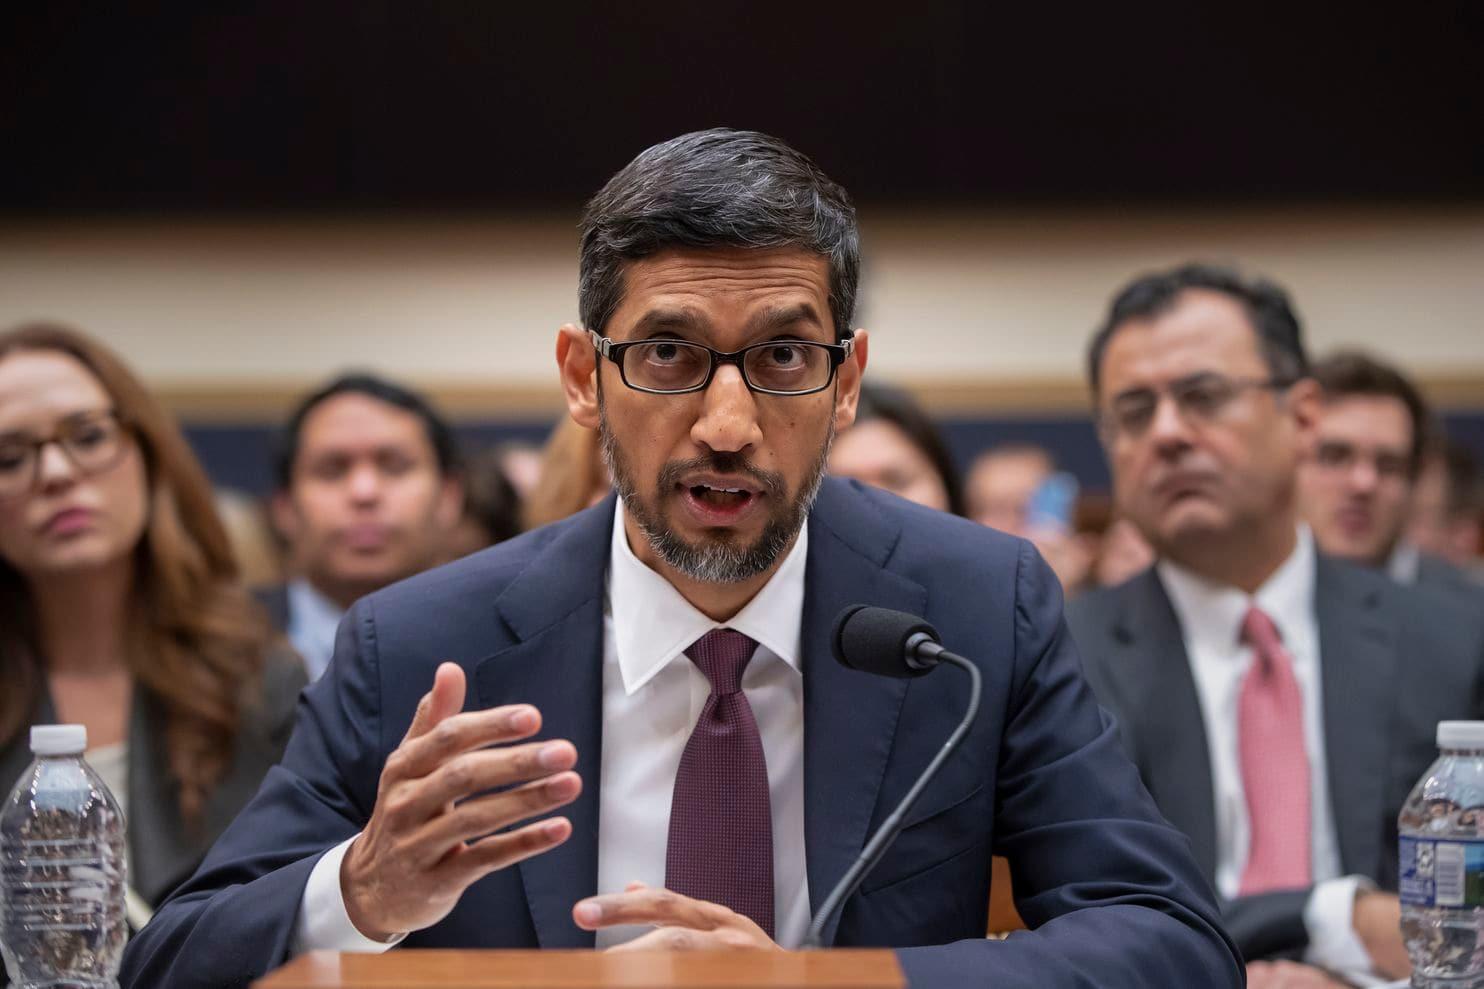 Глава Google считает, что страх перед ИИ «совершенно оправдан» - 1